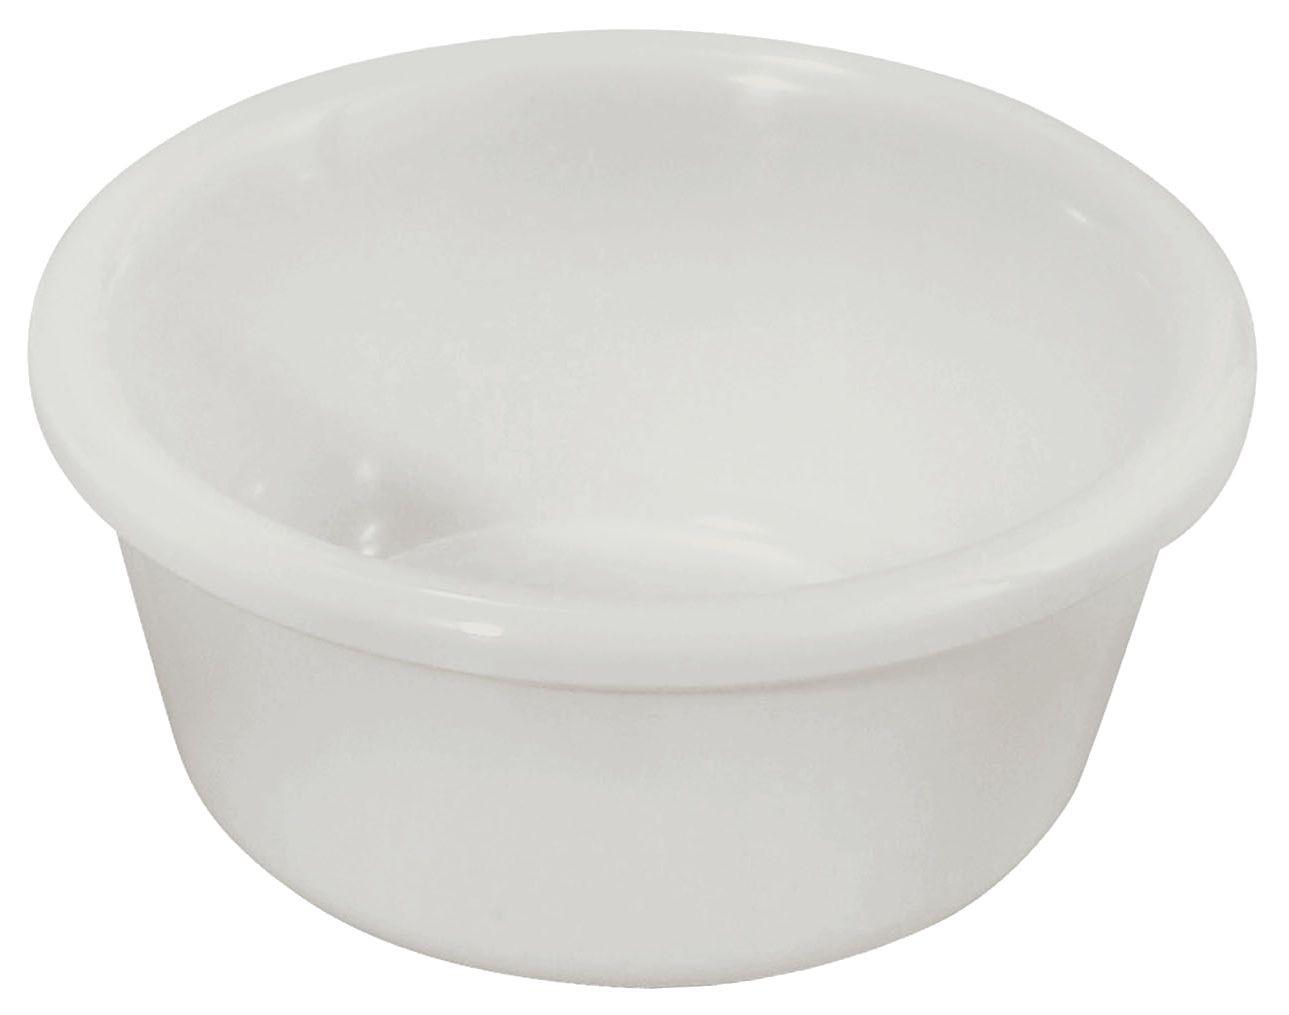 Winco RP-6W 6 oz. Plain White Melamine Ramekin